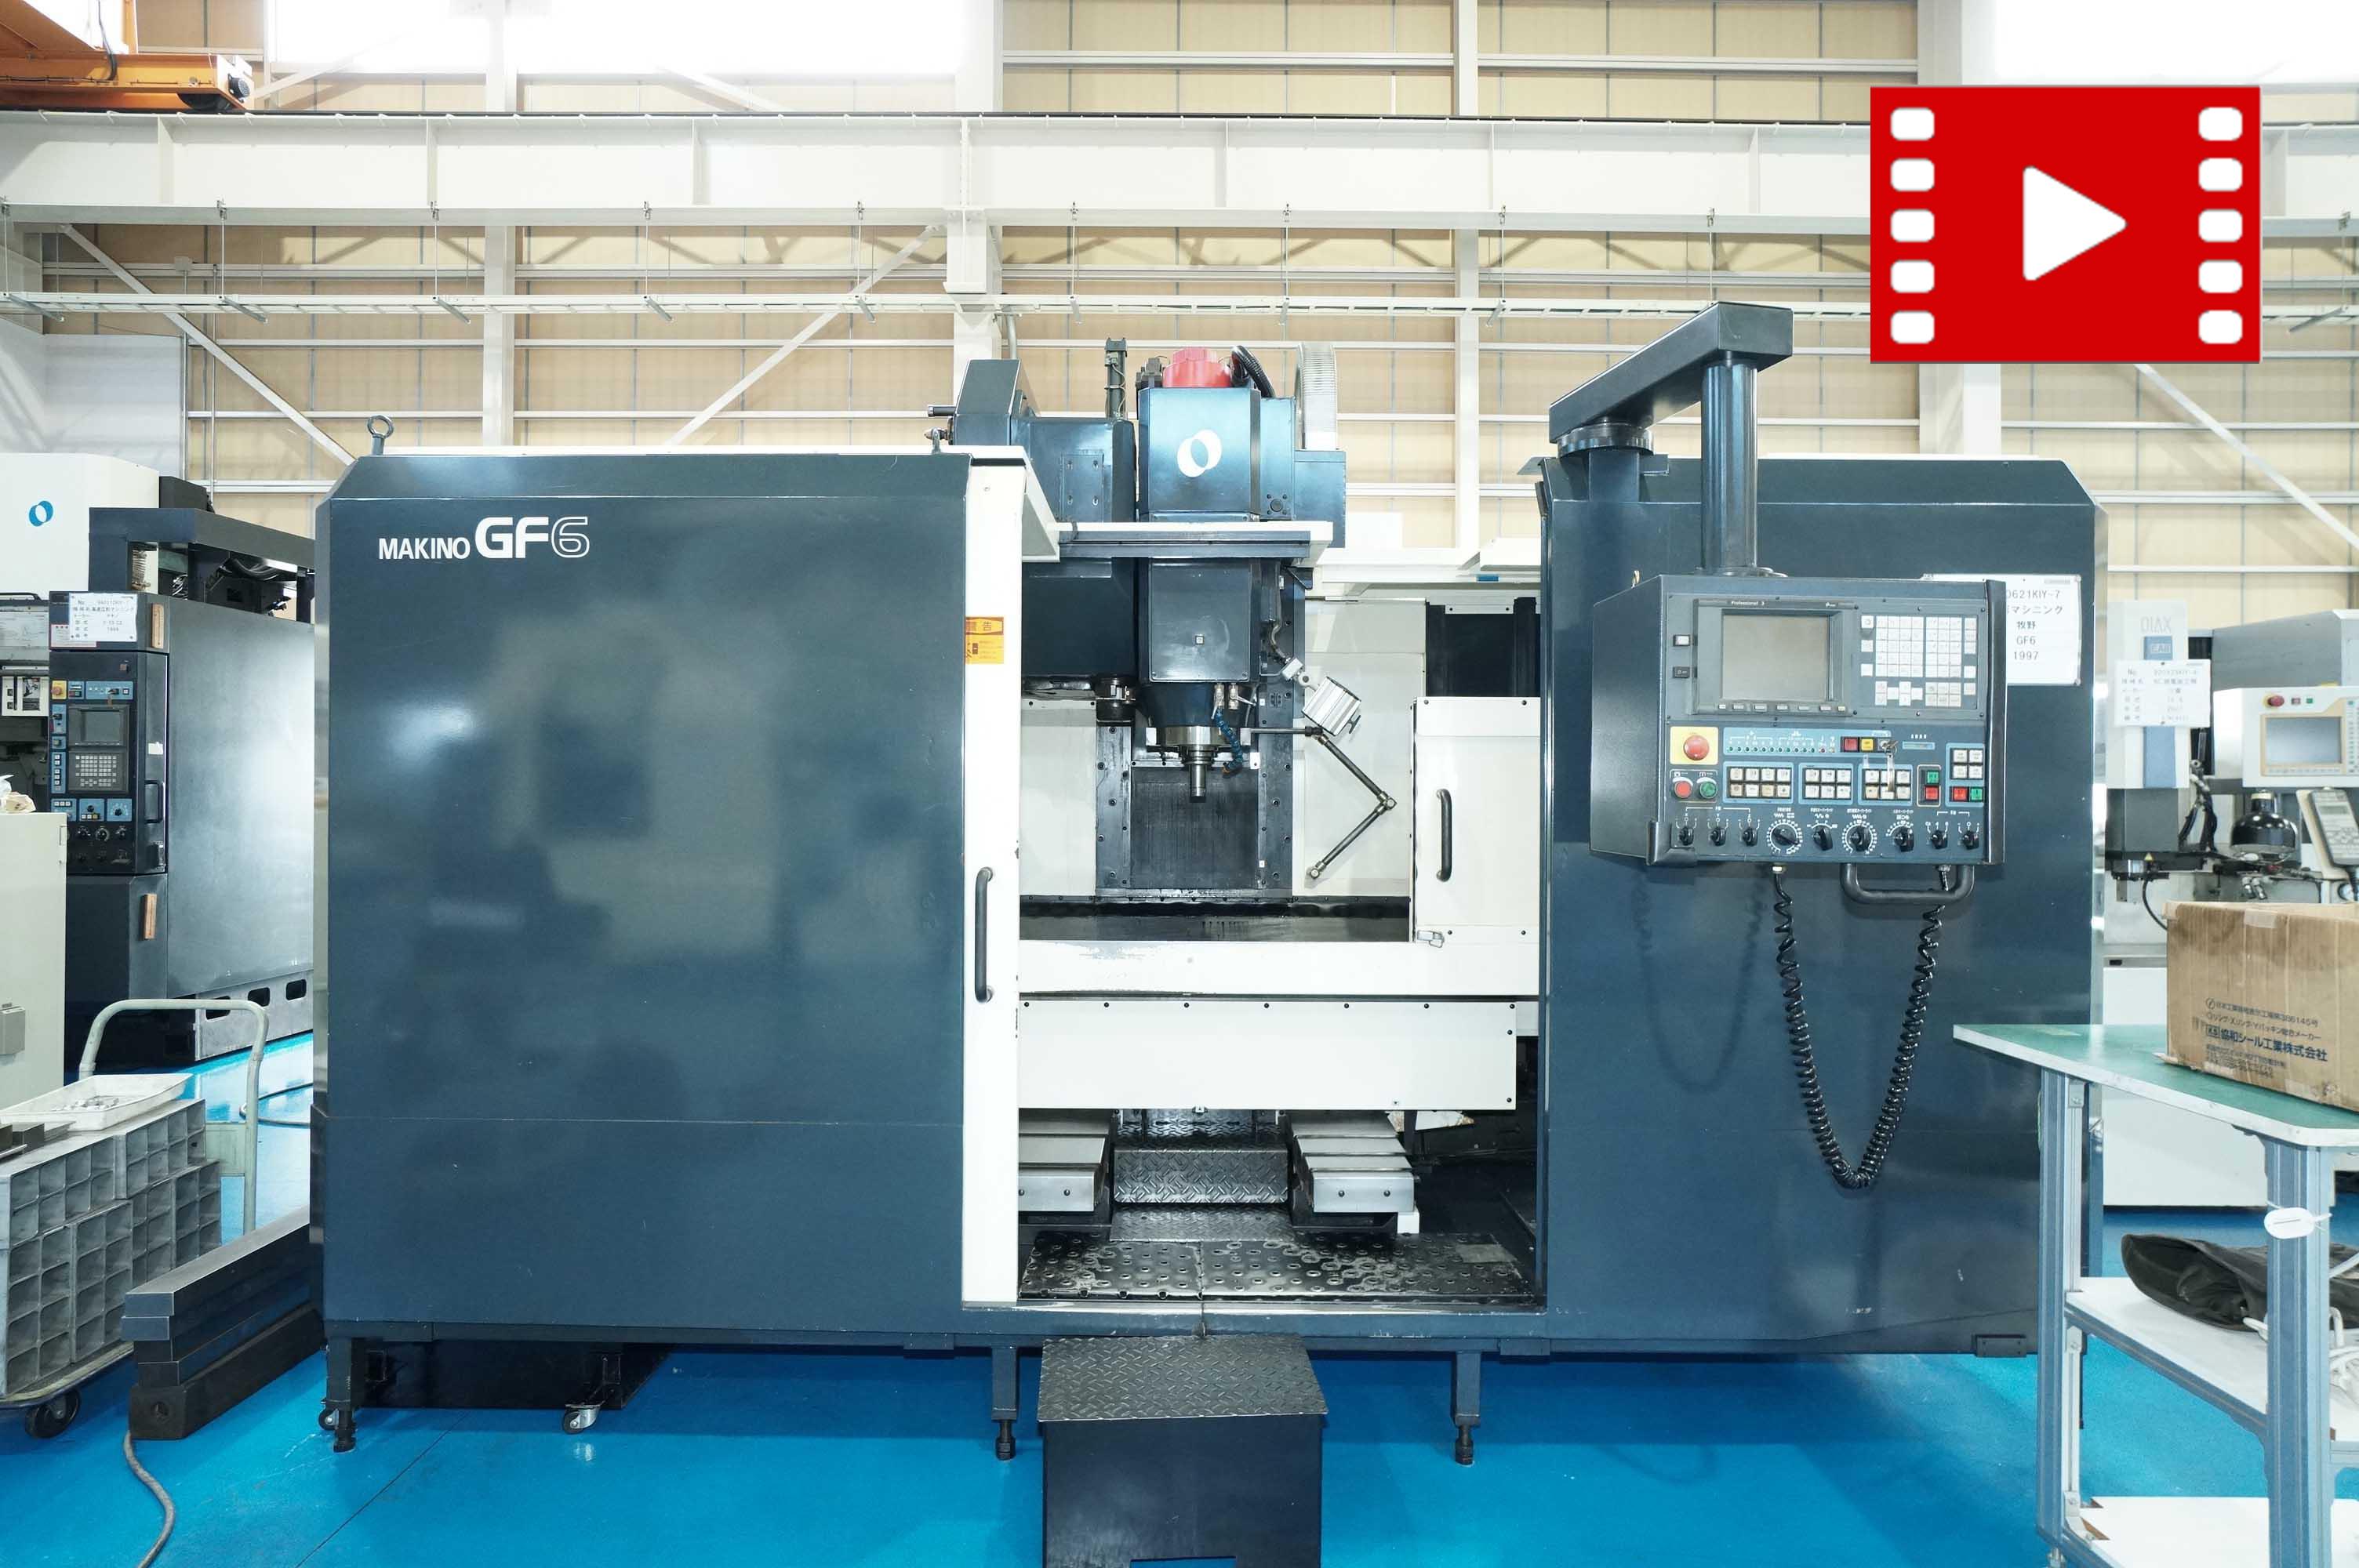 Vertical Machining-center MAKINO GF6の画像